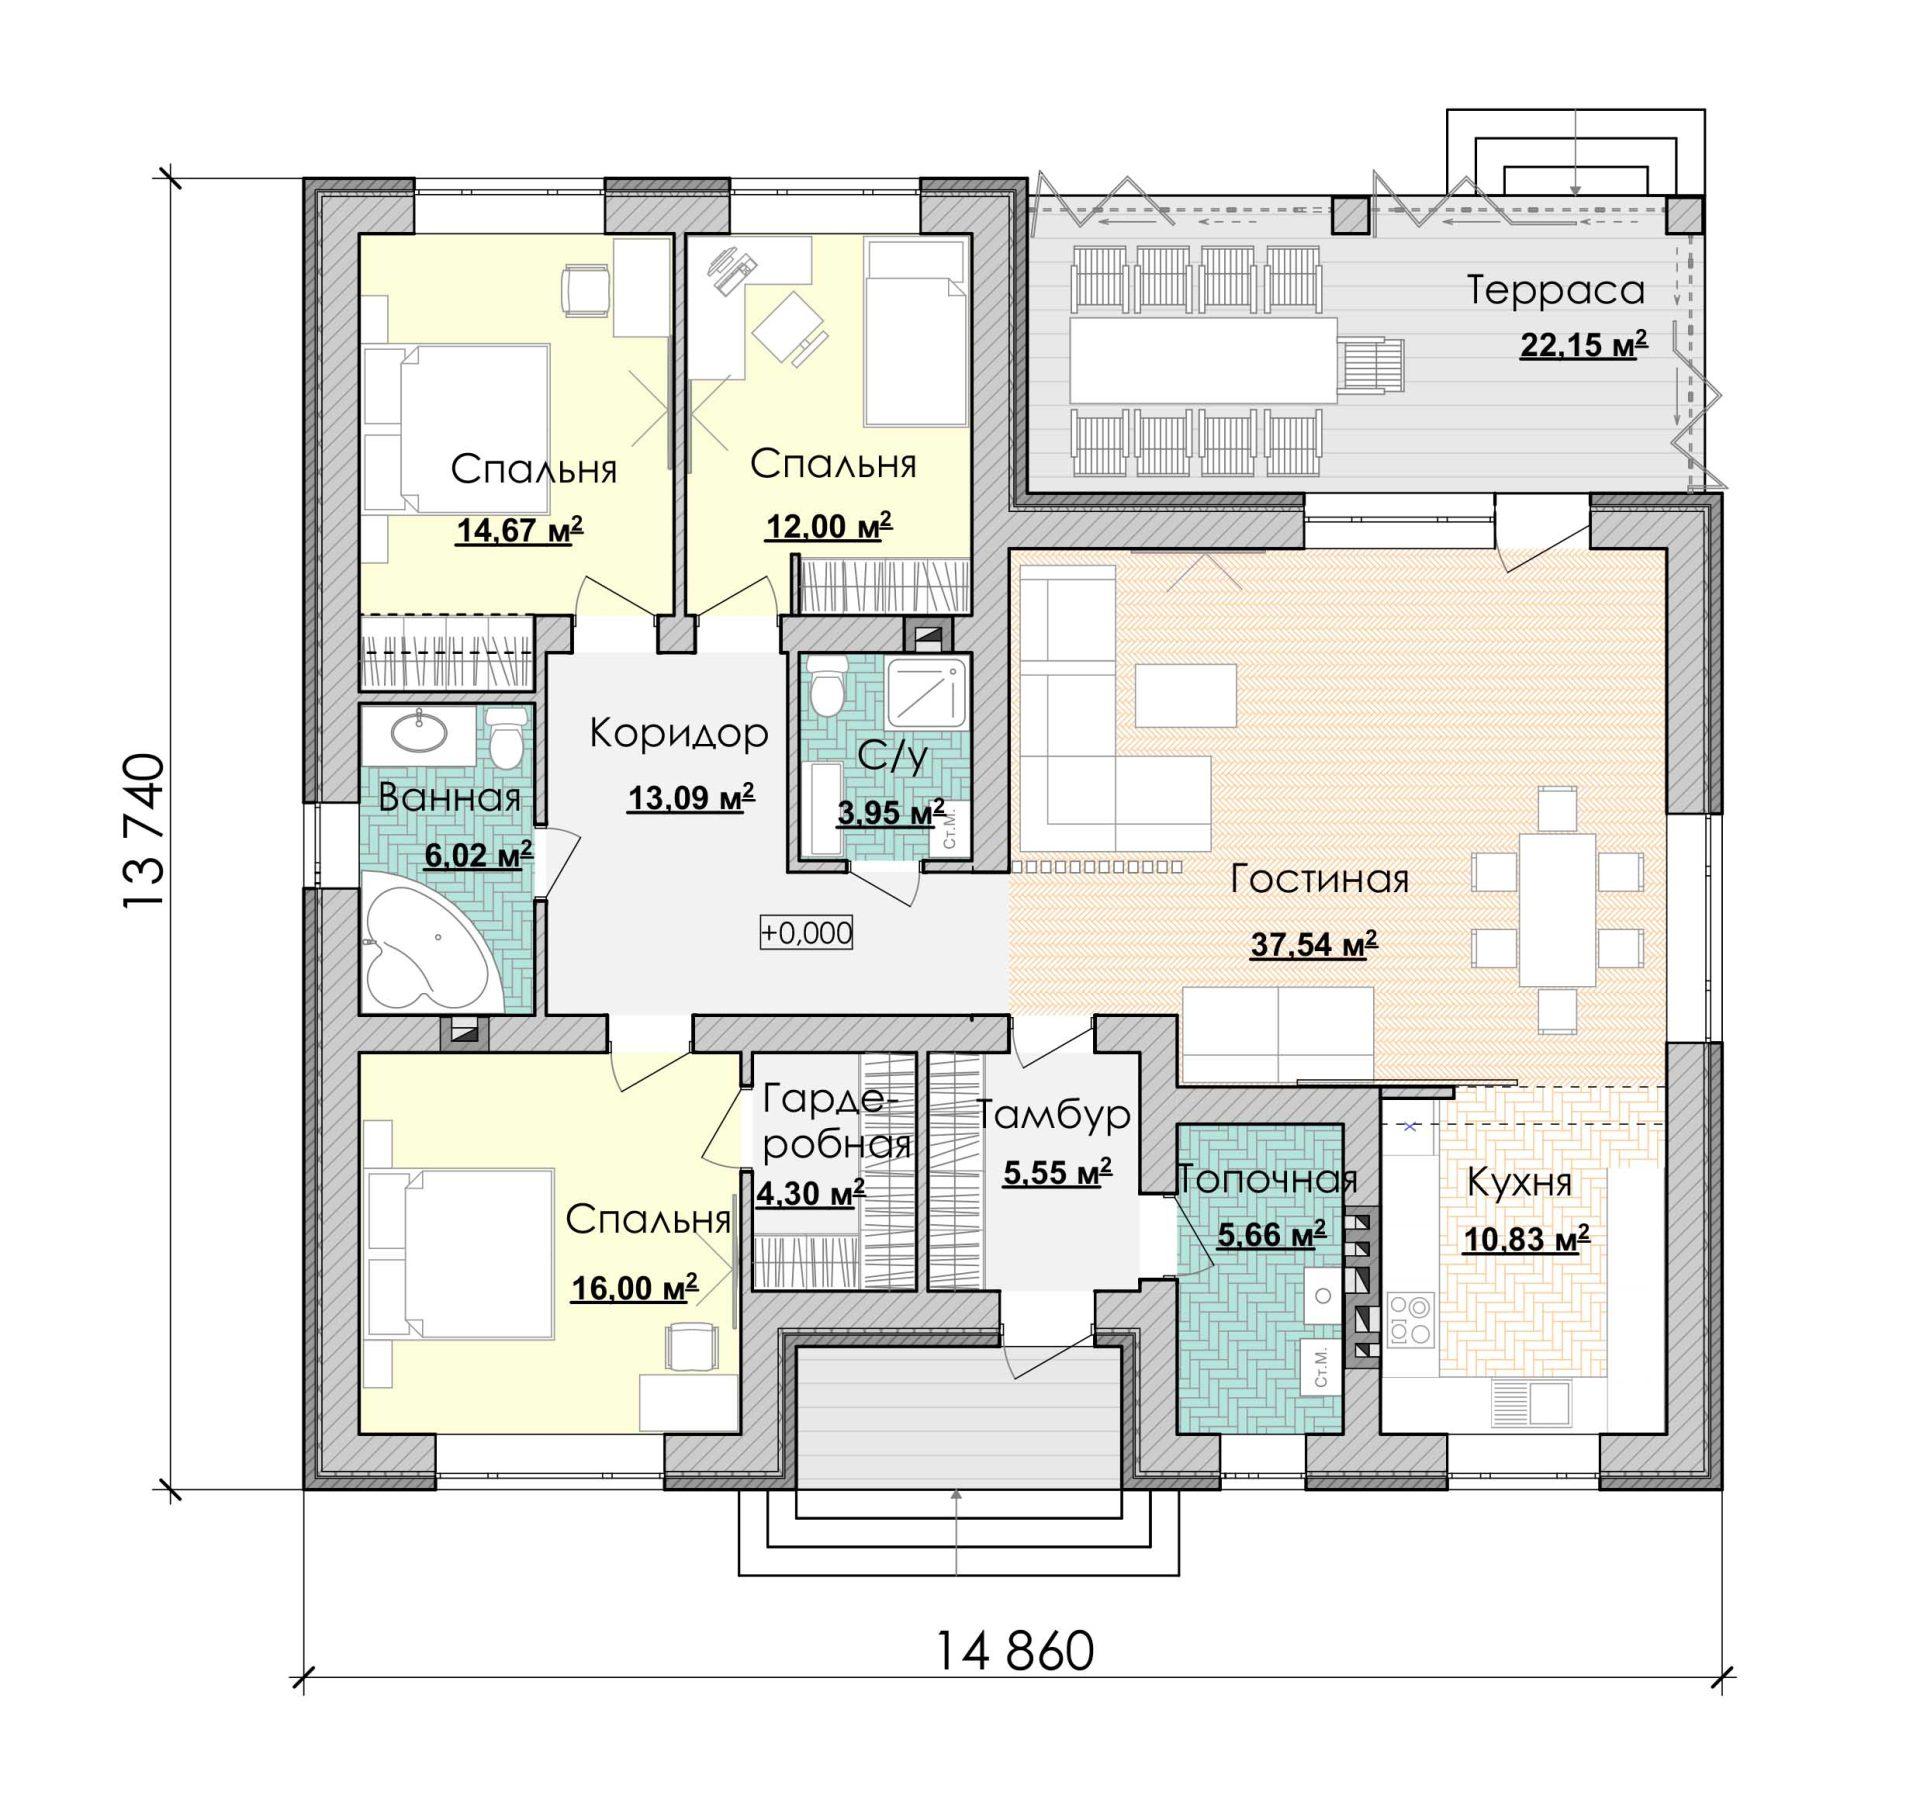 Проект дома 3 спальни + терраса